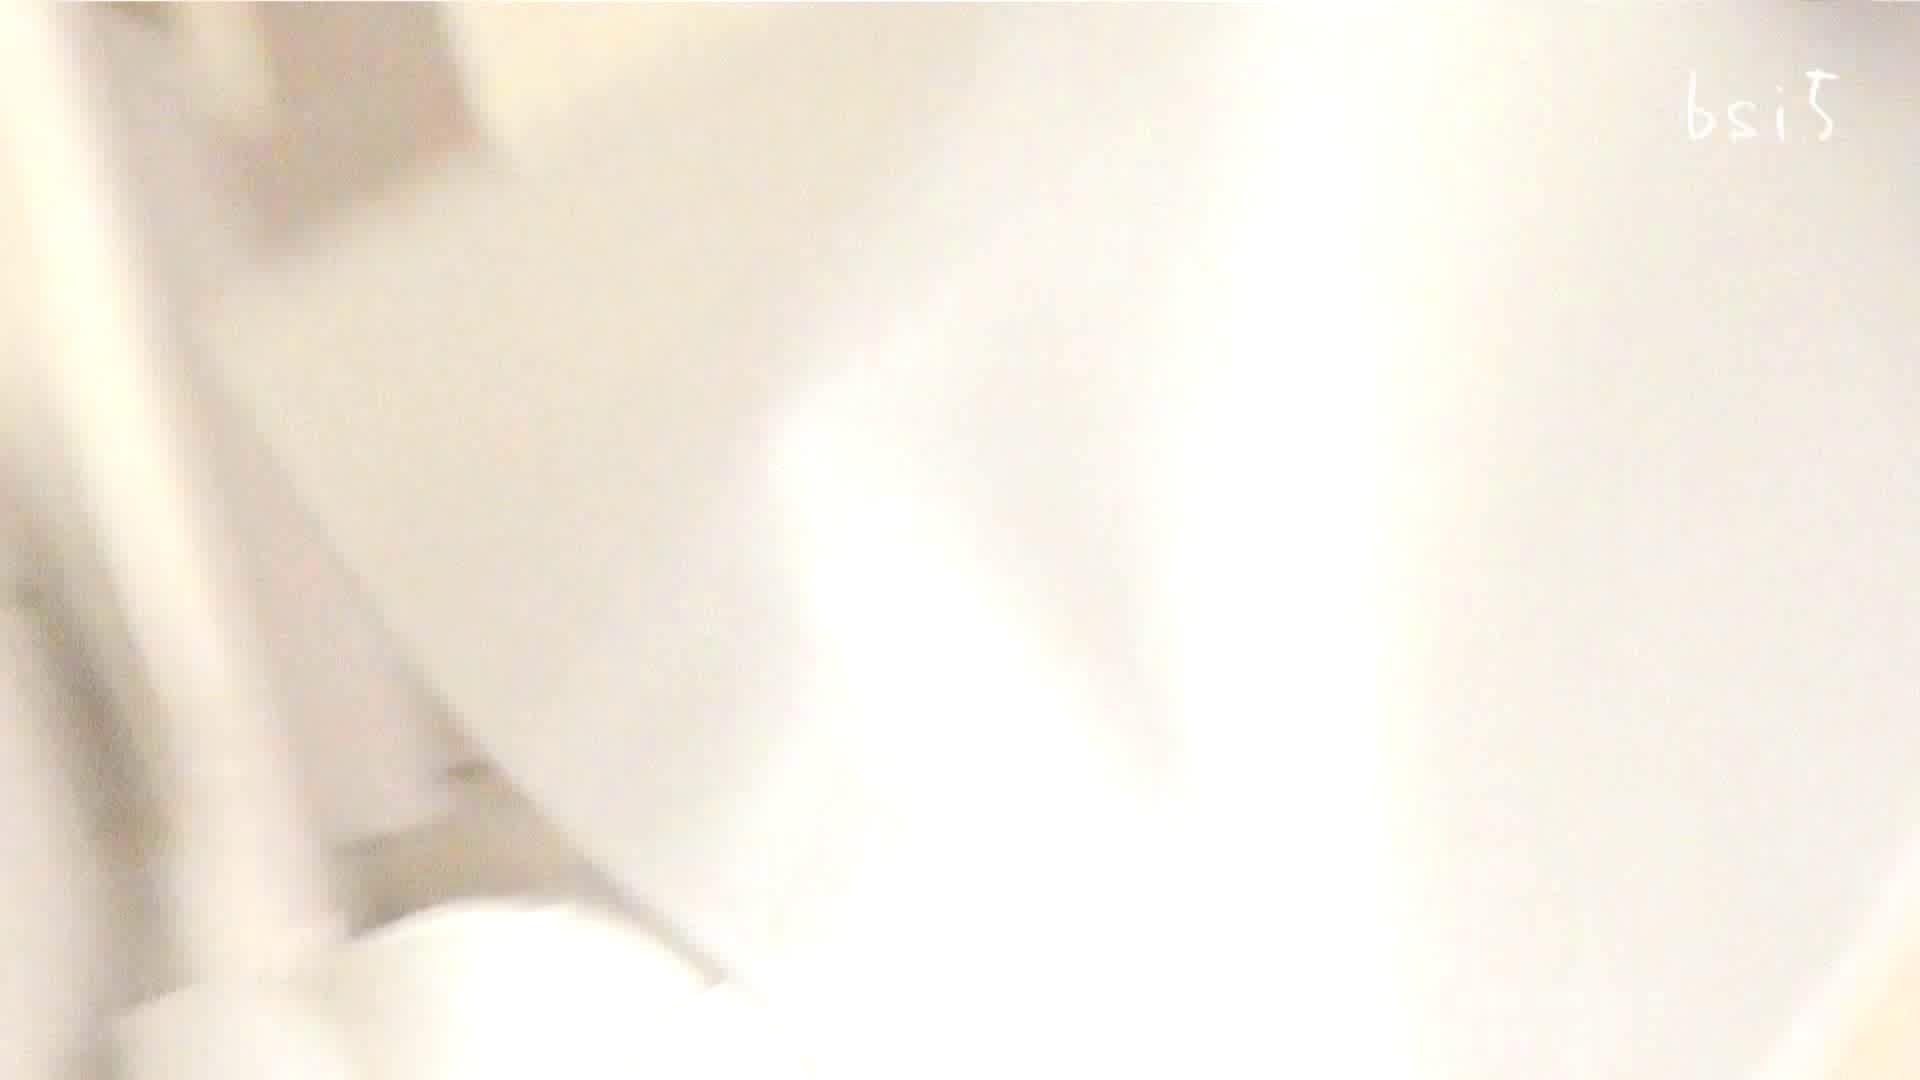 ナースのお小水 vol.005 Hなナース エロ画像 108pic 54